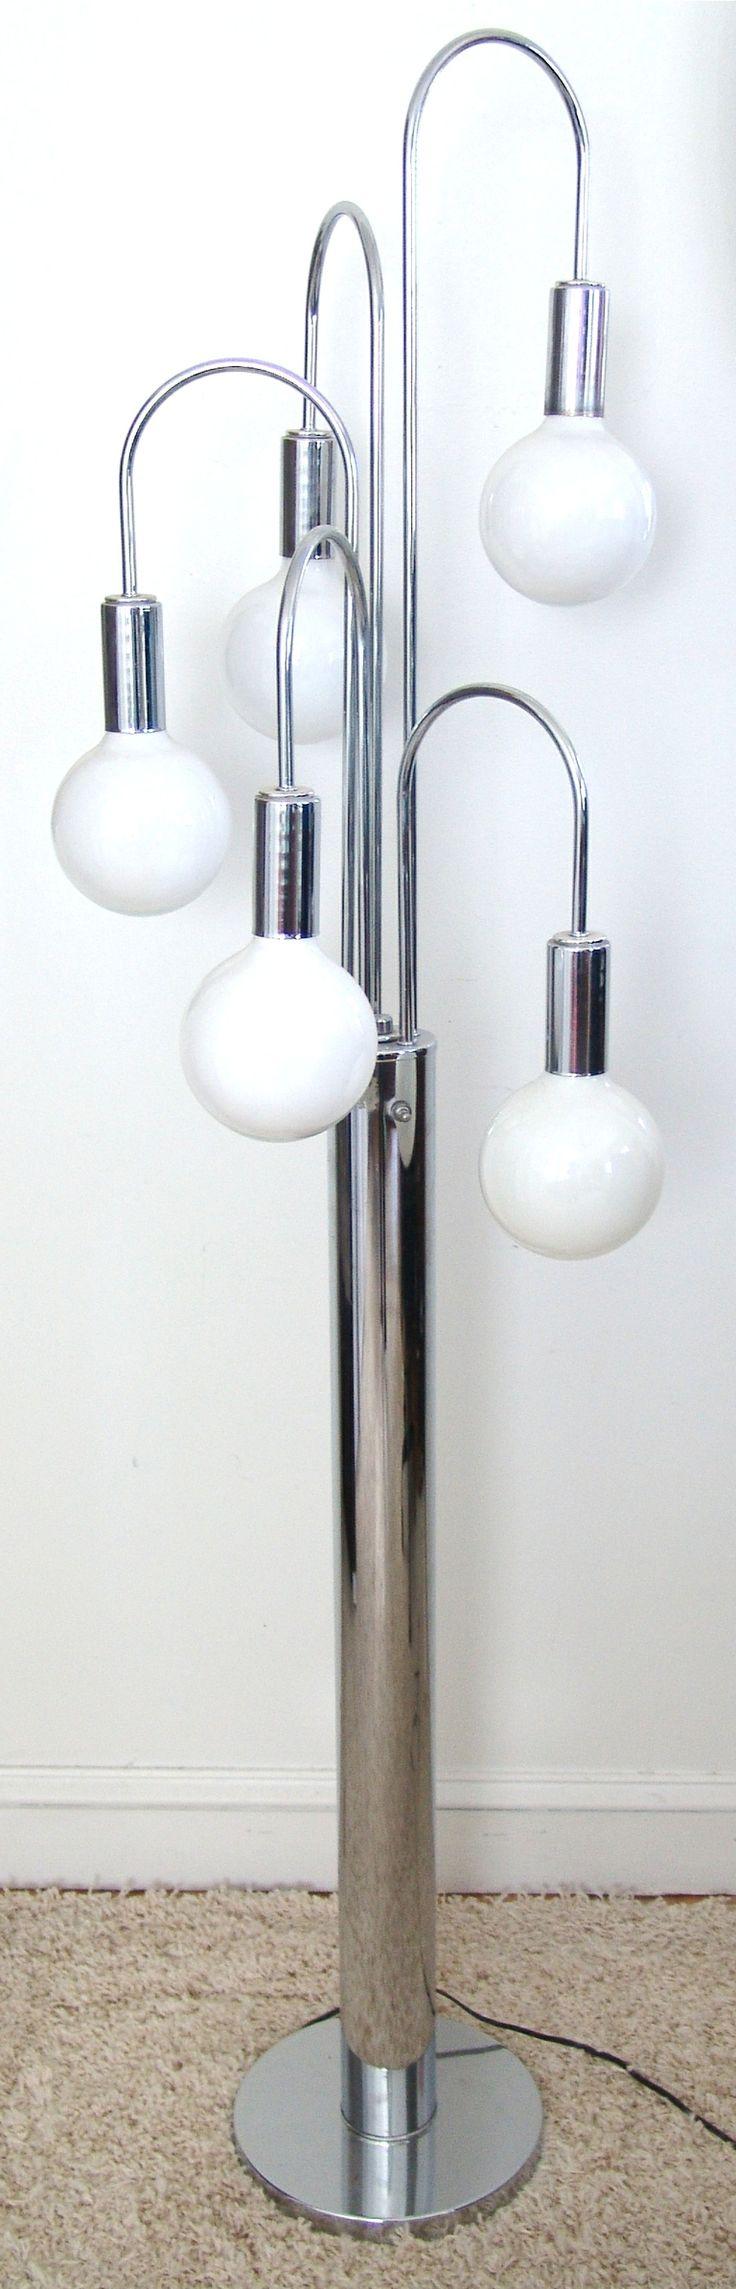 deckenleuchte spider besonders pic und cbcaabaafafefceac spider lamp modern floor lamps